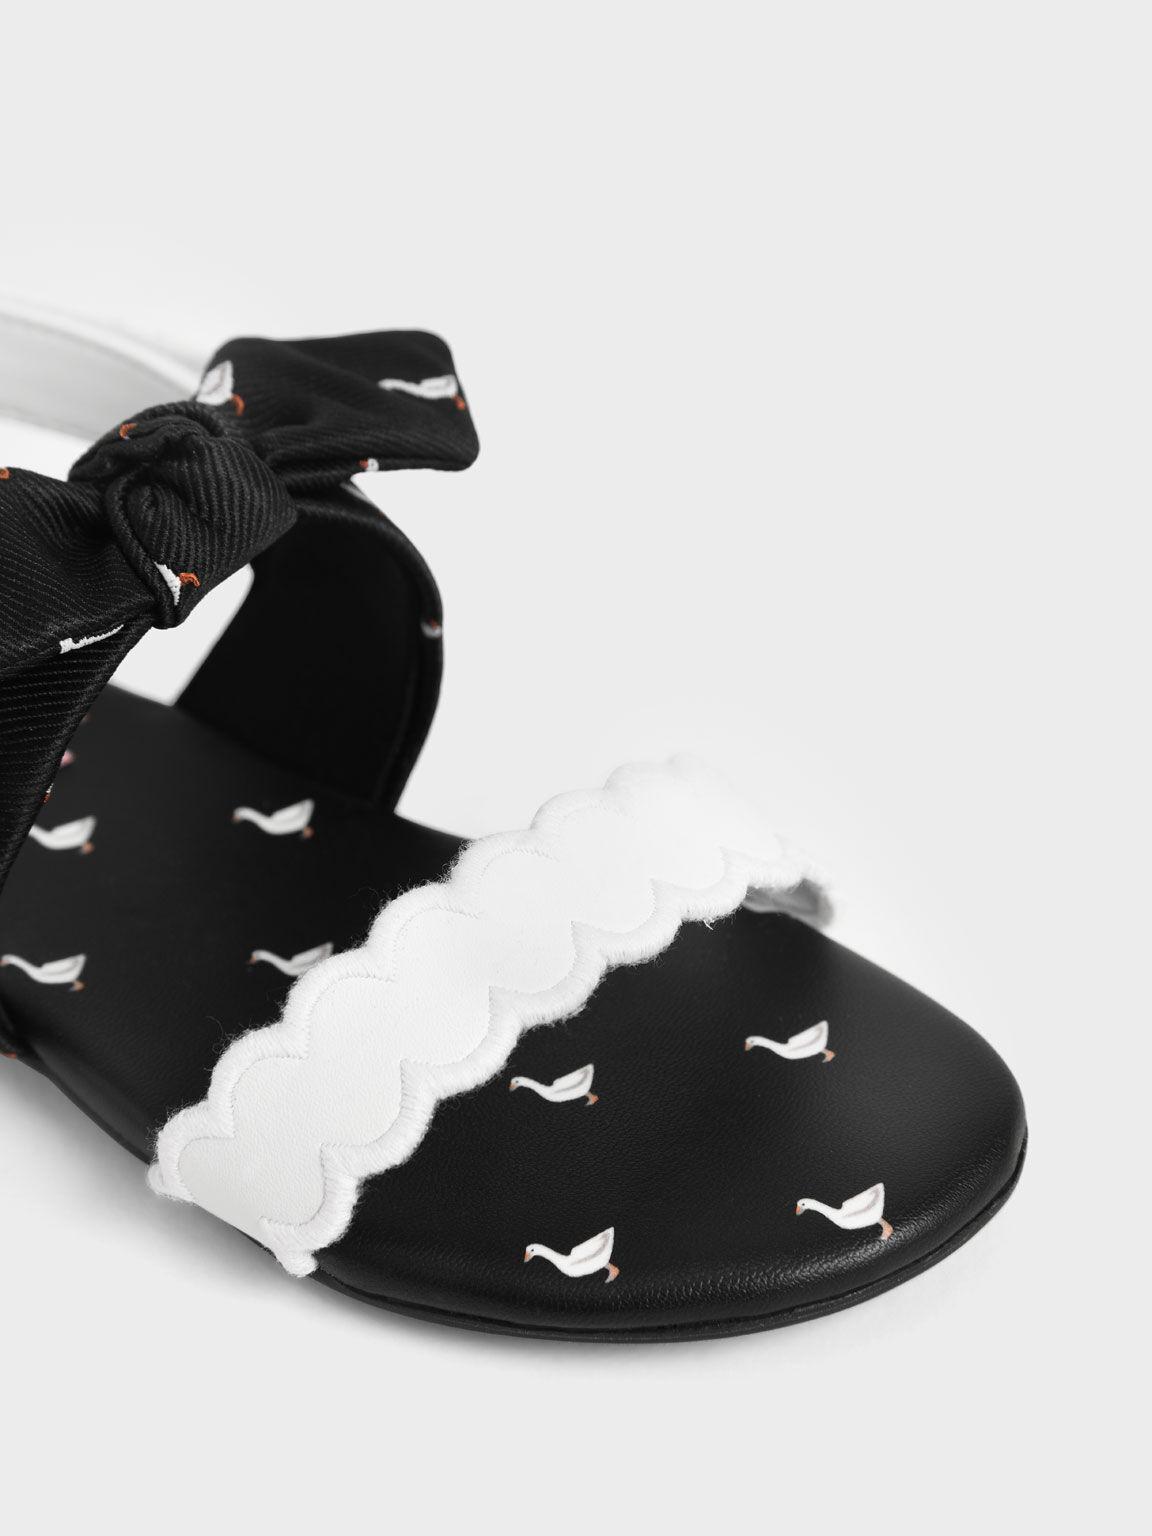 兒童扭結瑪莉珍涼鞋, 黑色, hi-res